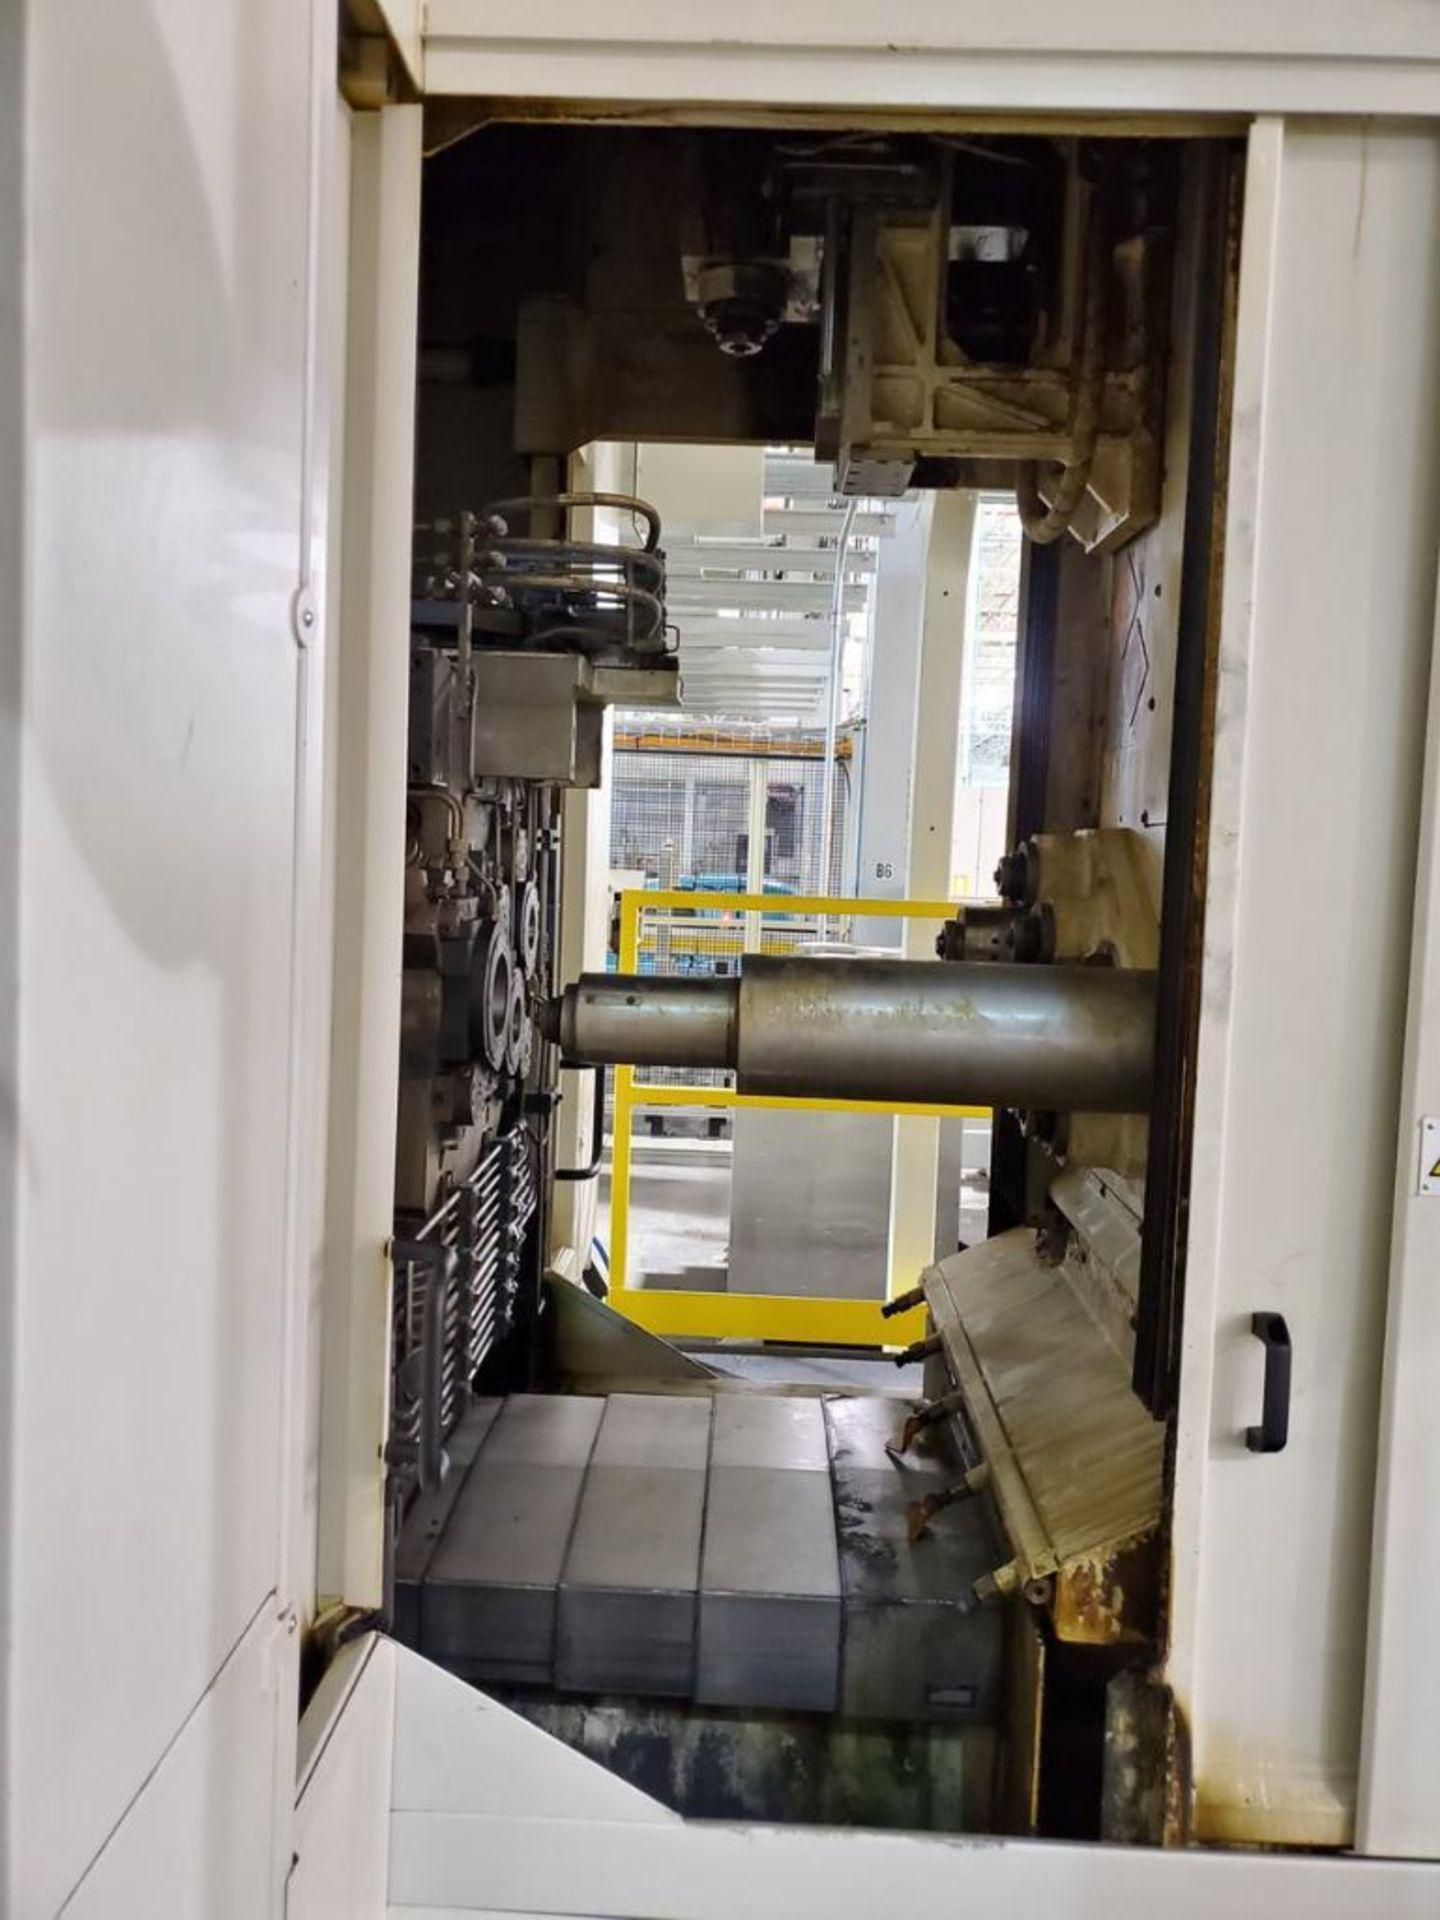 Lot 13 - 2011 Heller TRS 4000 Transfering System